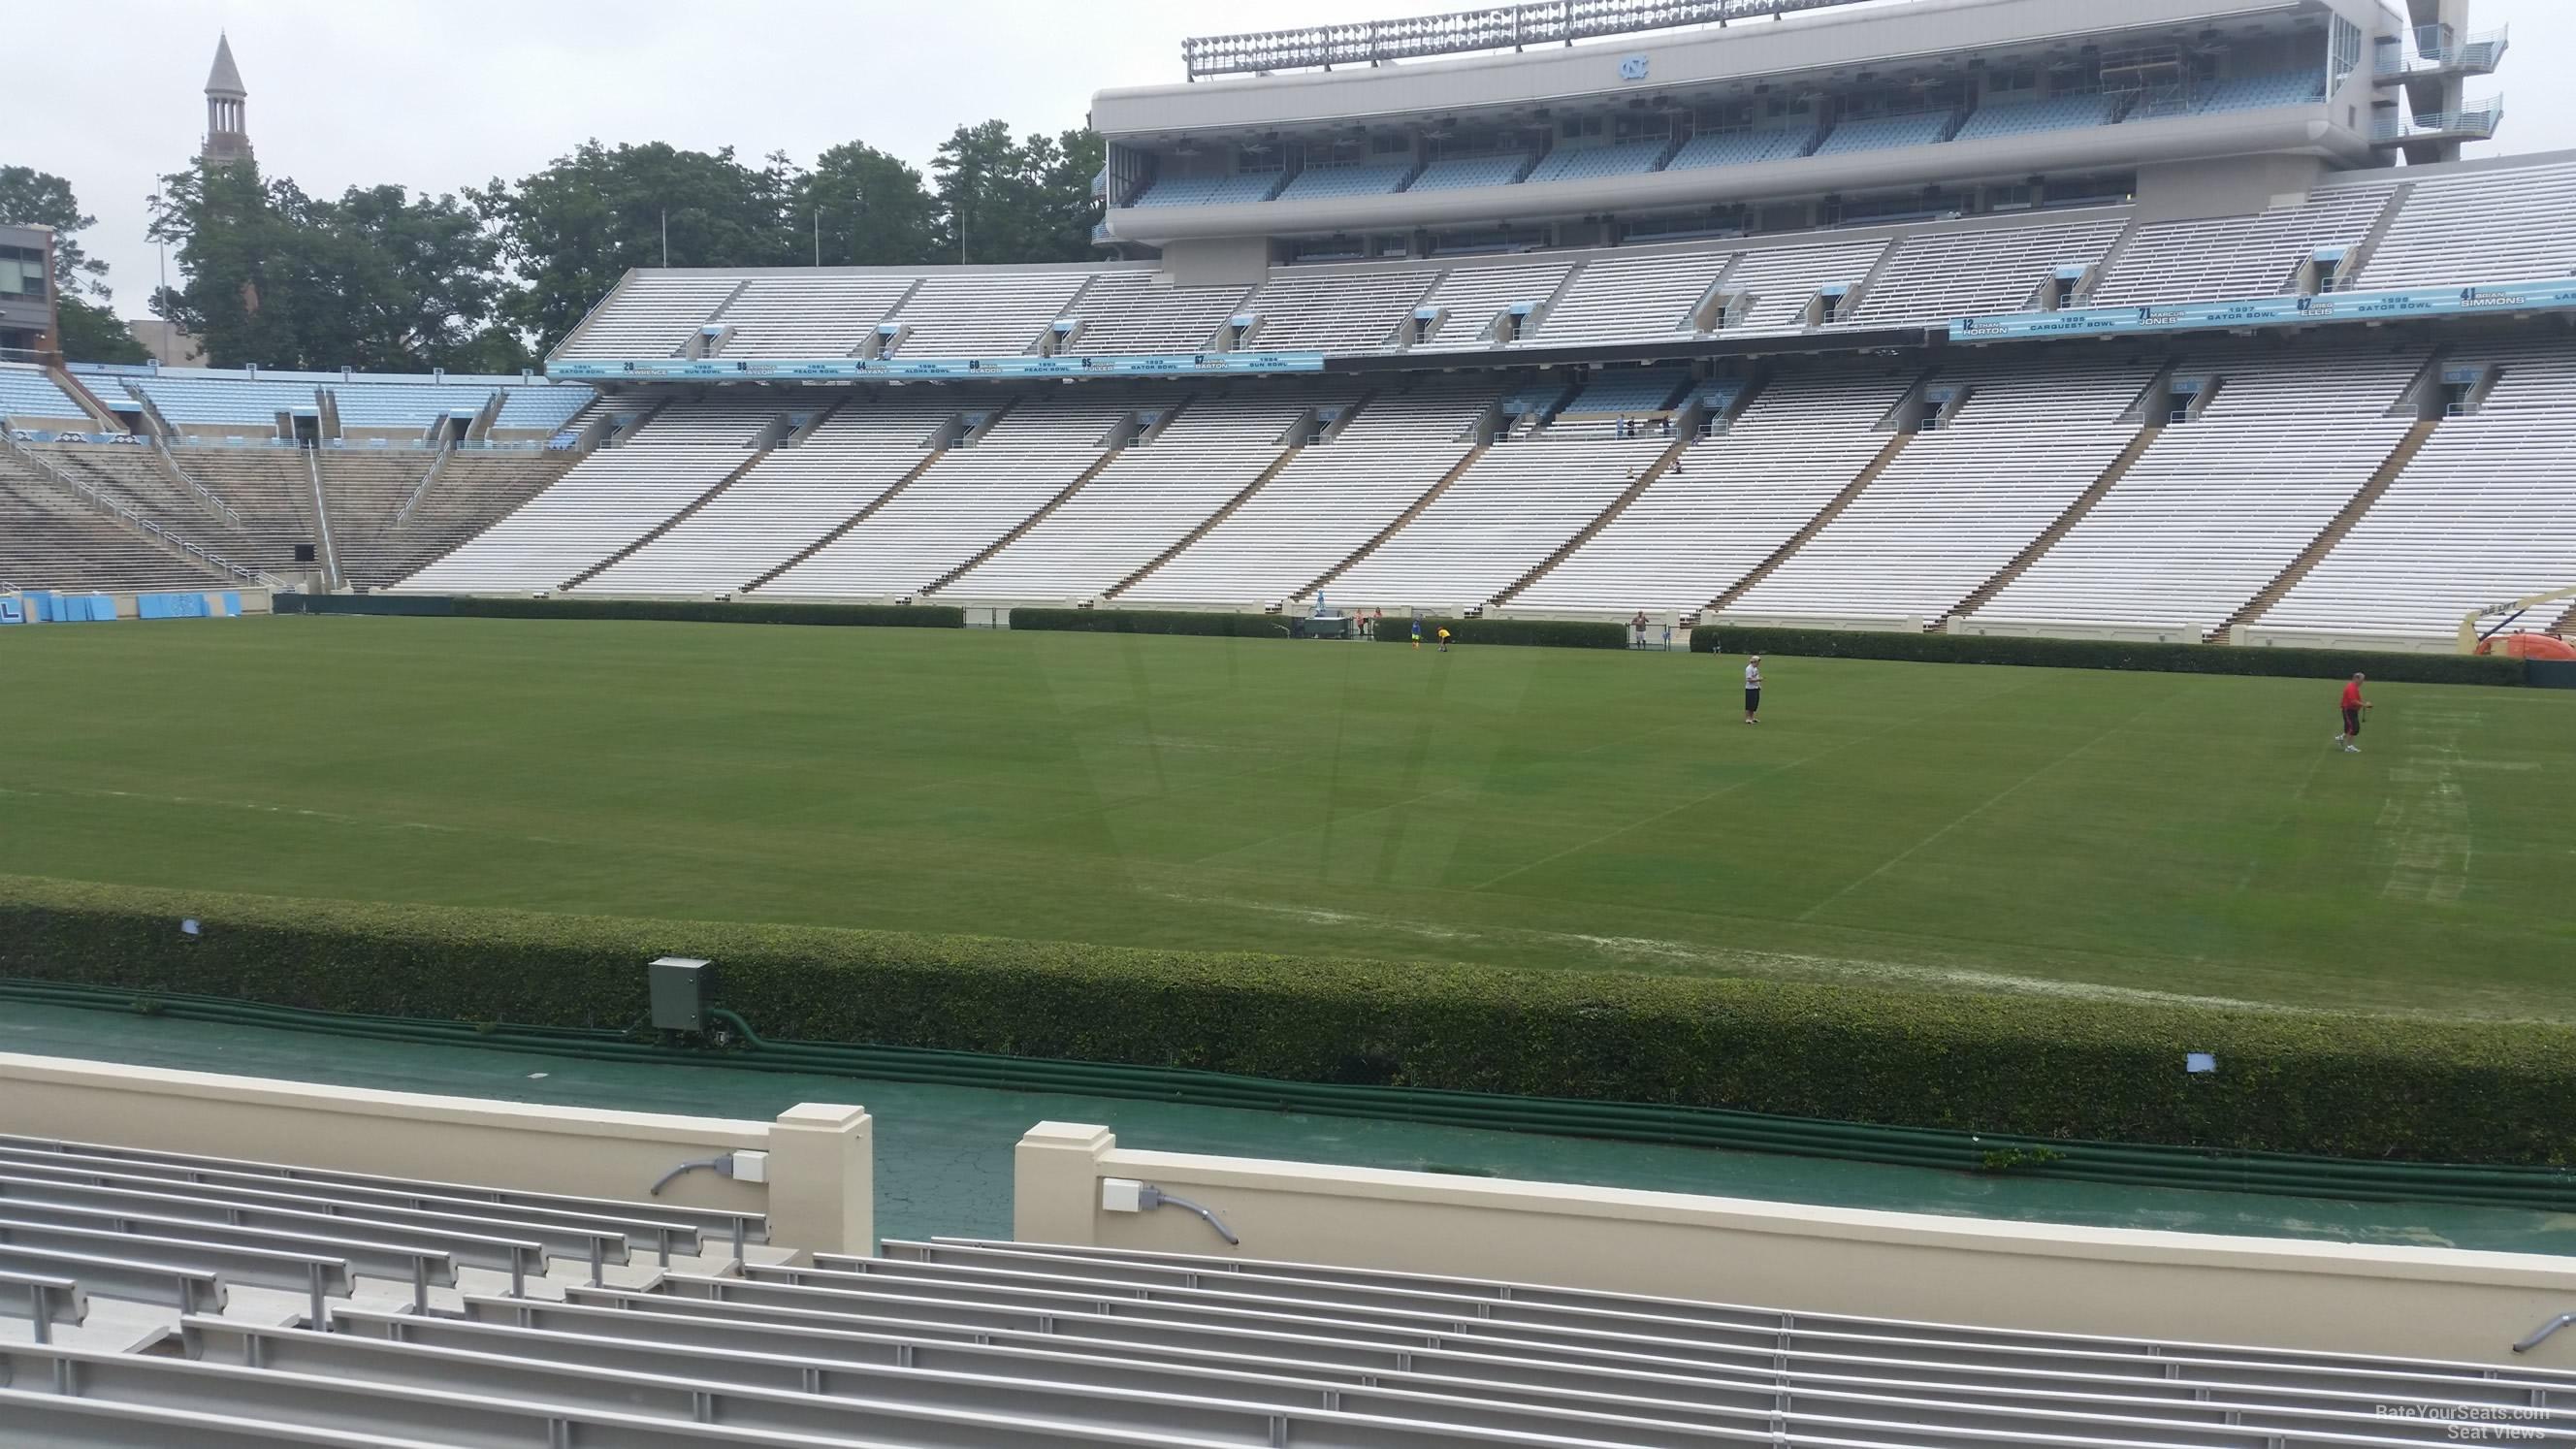 Triple Aaa Number >> Kenan Memorial Stadium Section 129 - RateYourSeats.com